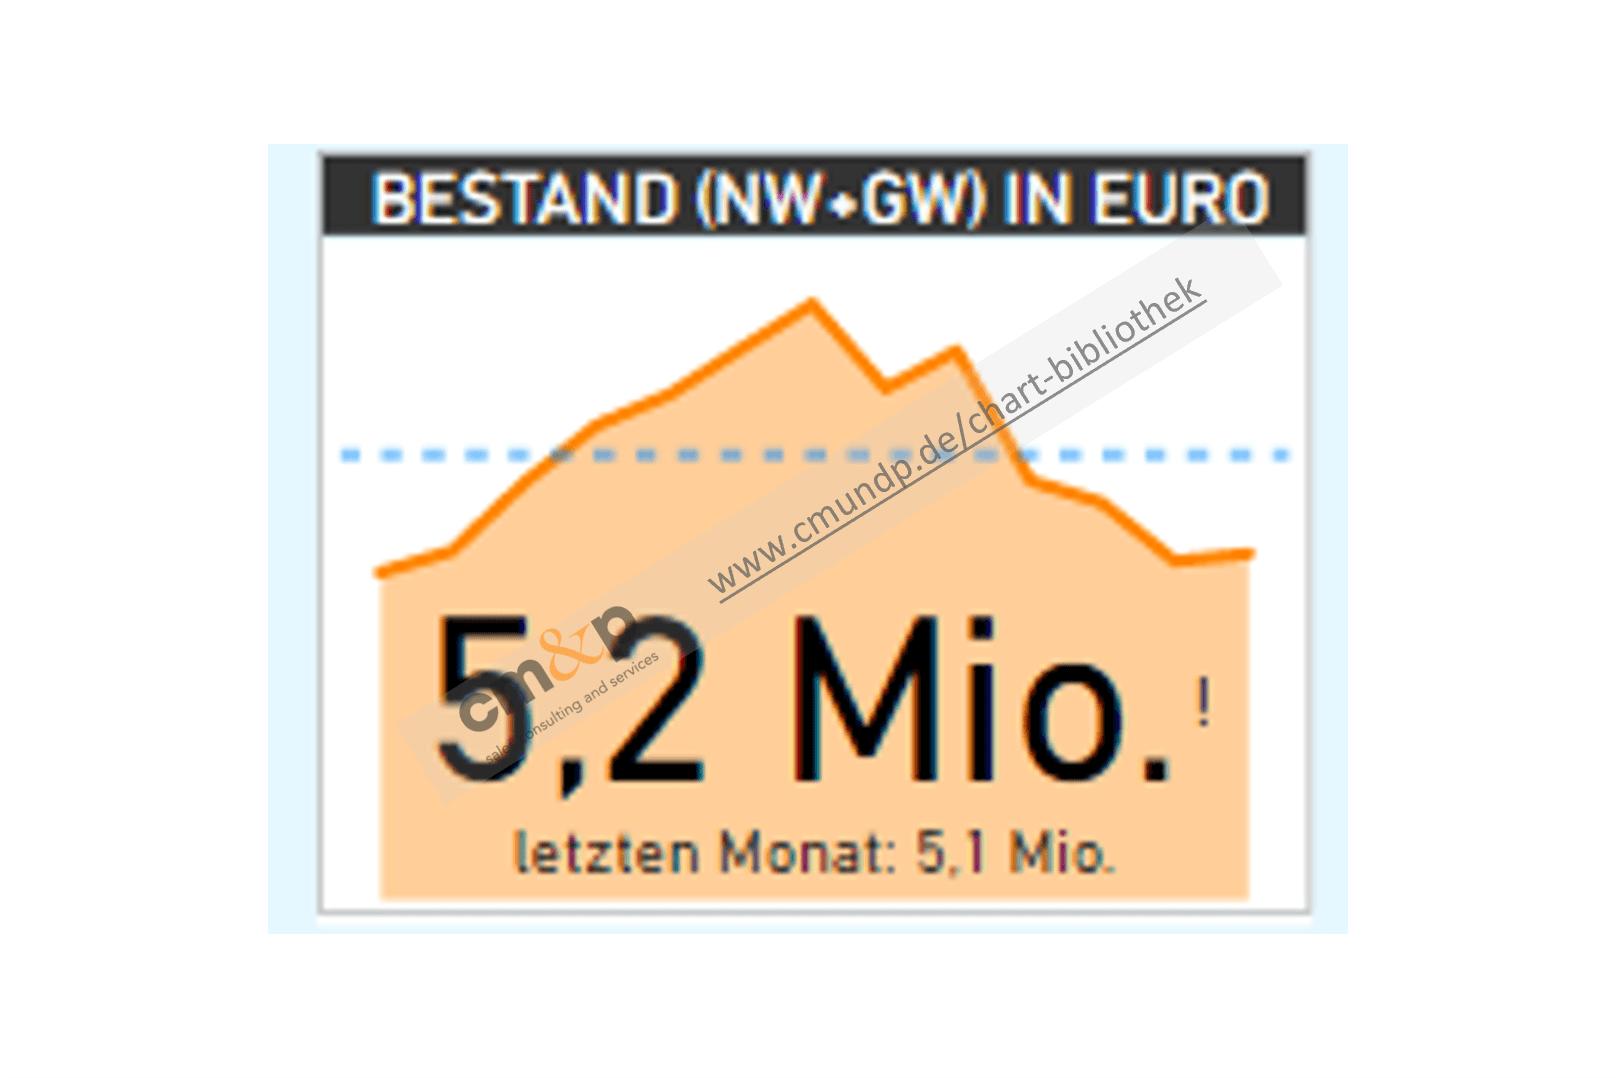 Darstellung des Fahrzeugbestandes von Neu- und Gebrauchtwagen des aktuellen Monats und im Vergleich zum Vormonat, sowie im Hintergrund der Bestandsverlauf der letzten 13 Monate in EURO